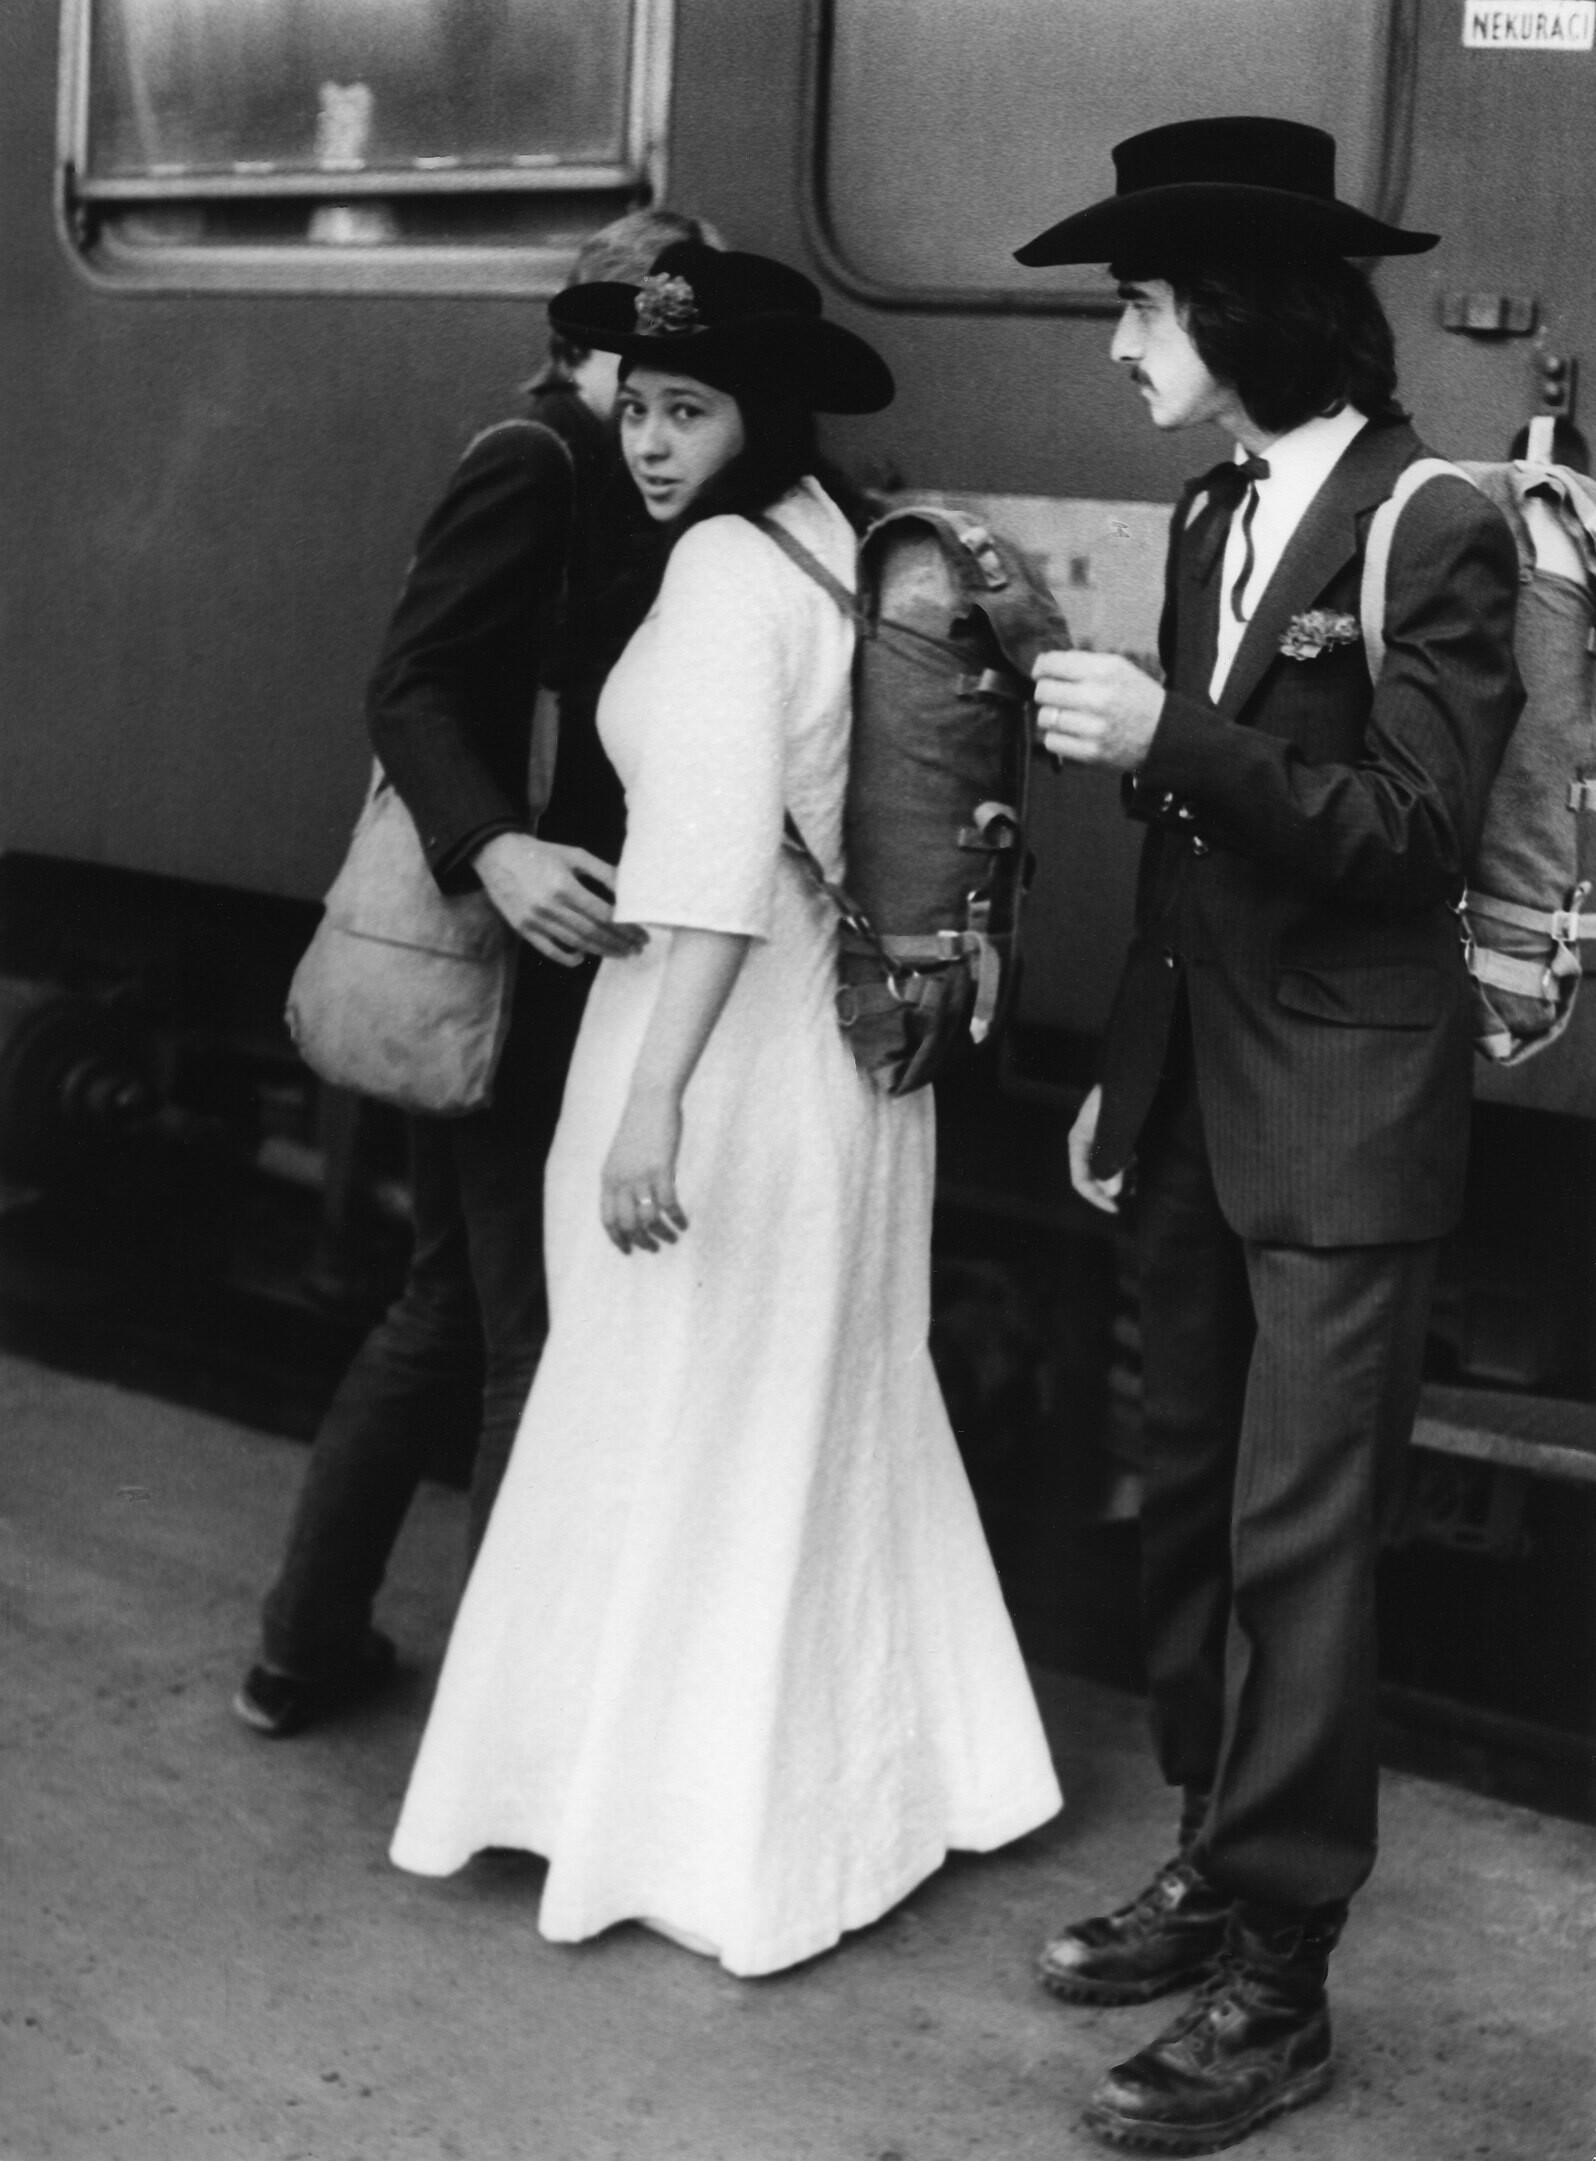 Свадьба, 1968. Фотограф Франтишек Досталь